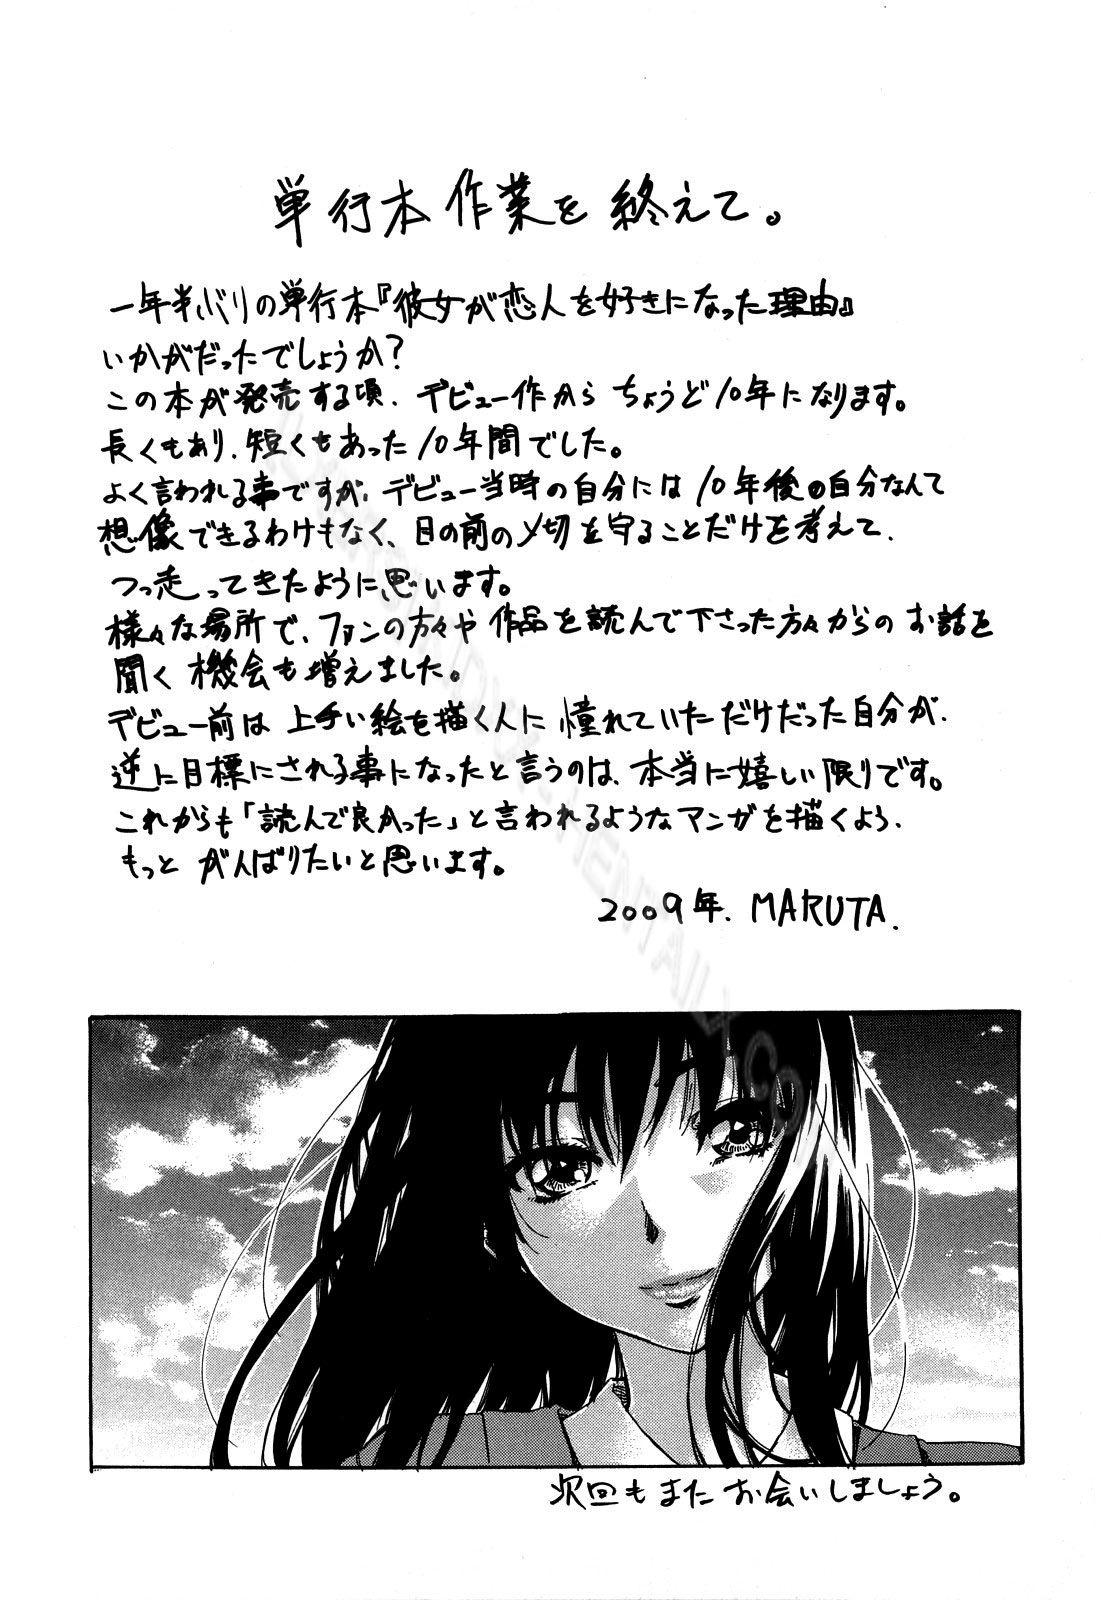 Hình ảnh 195kanojo ga koibito wo suki trong bài viết Hãy thức tỉnh thú tính dâm dục trong em